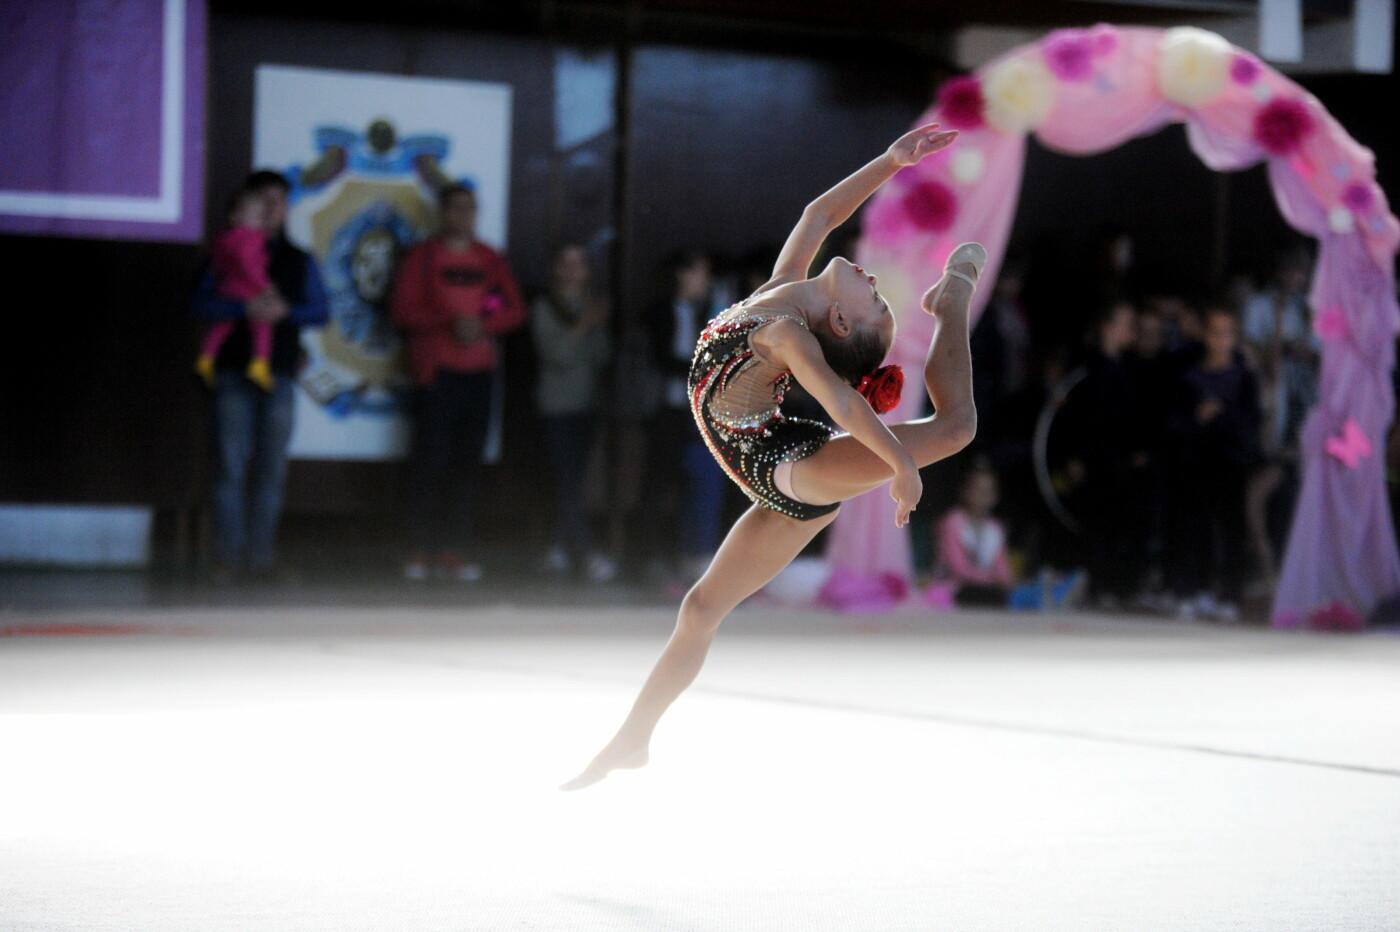 Мариупольцев приглашают на 9-й турнир по художественной гимнастике «Елизавета», фото-53